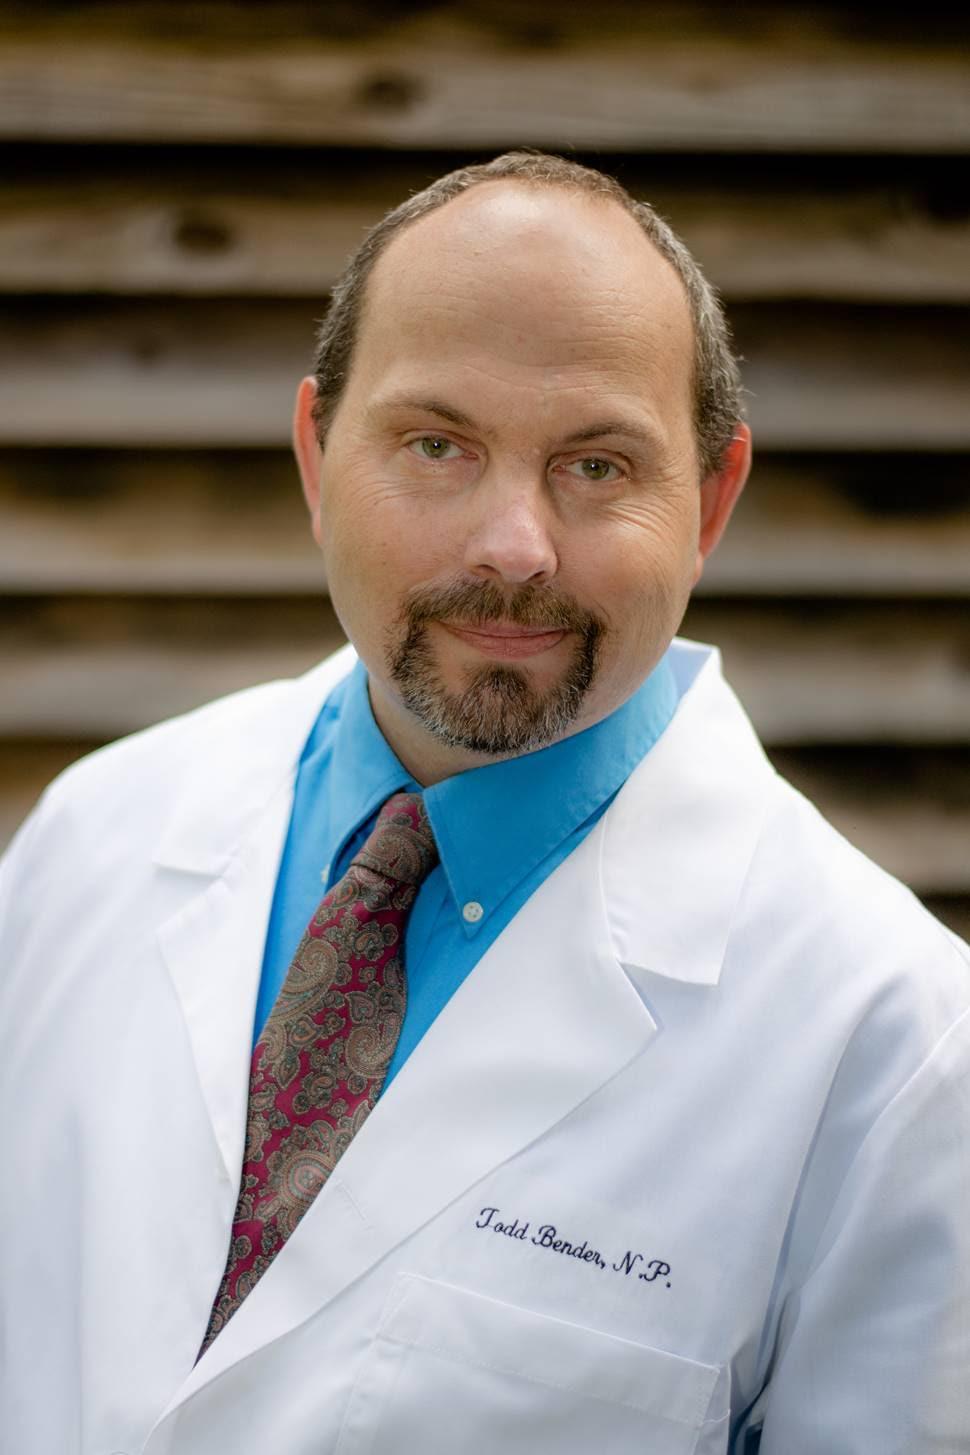 Todd Bender, RN, MSN FNP